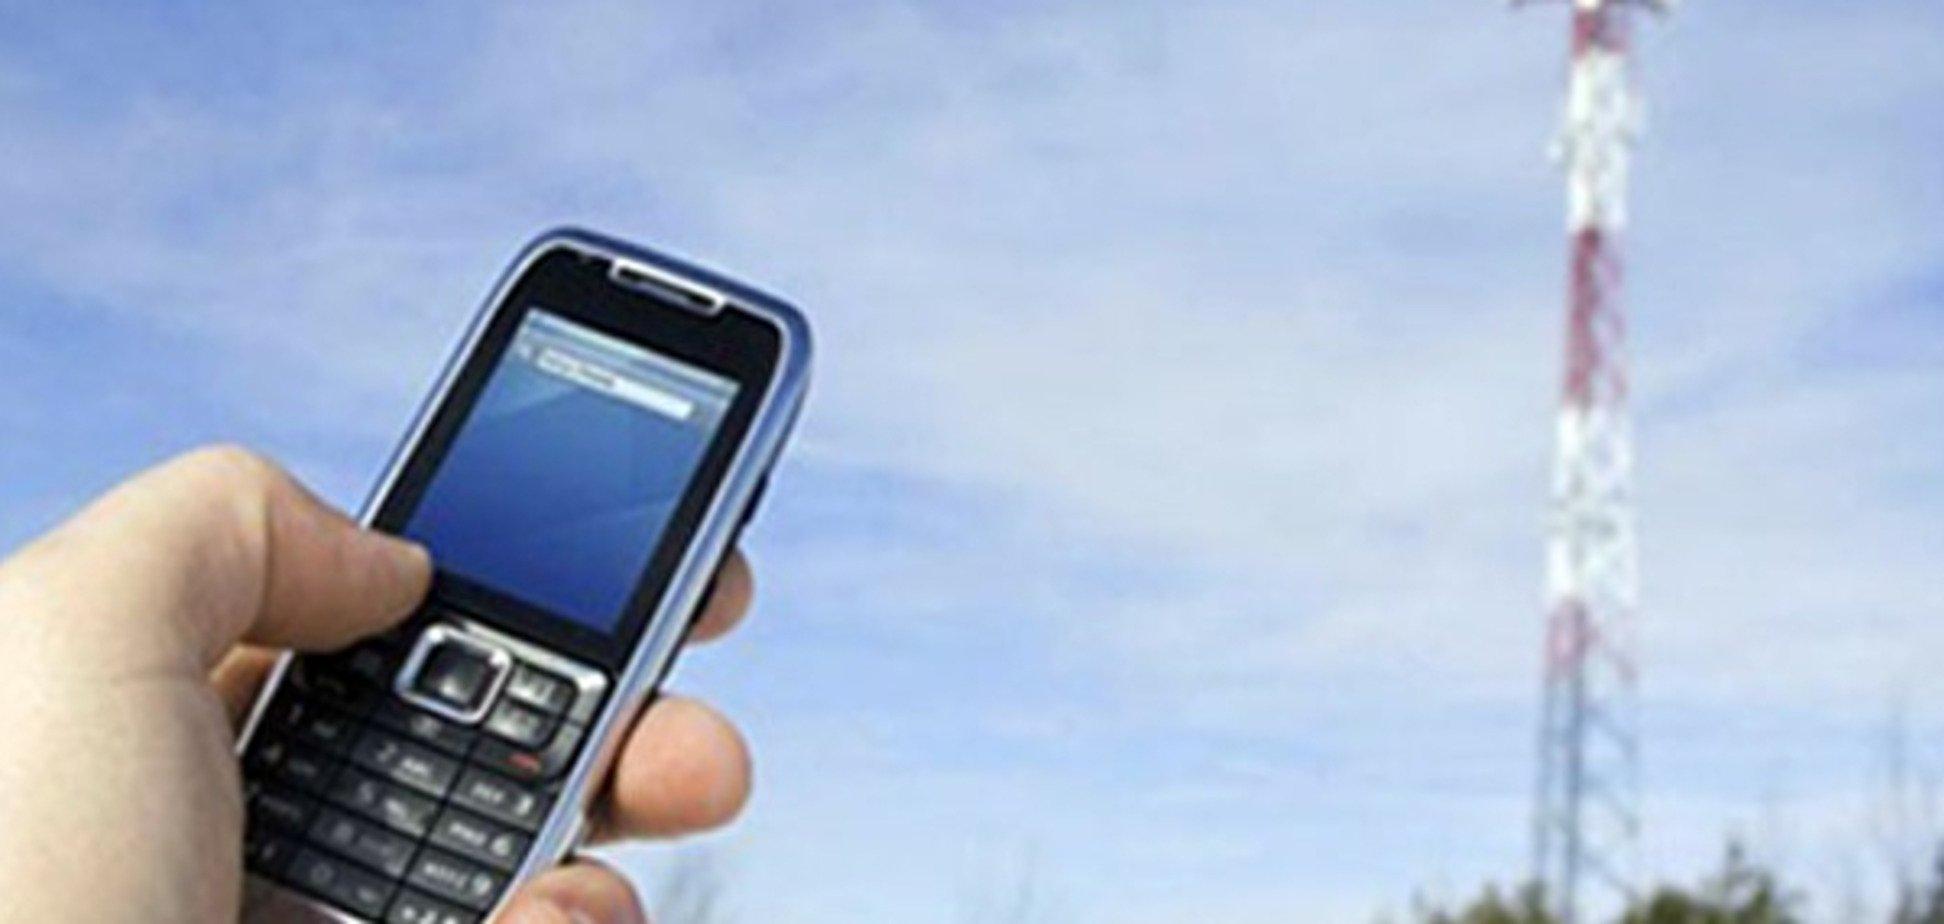 В 'Л/ДНР' снова проблемы с мобильной связью: выяснились новые подробности